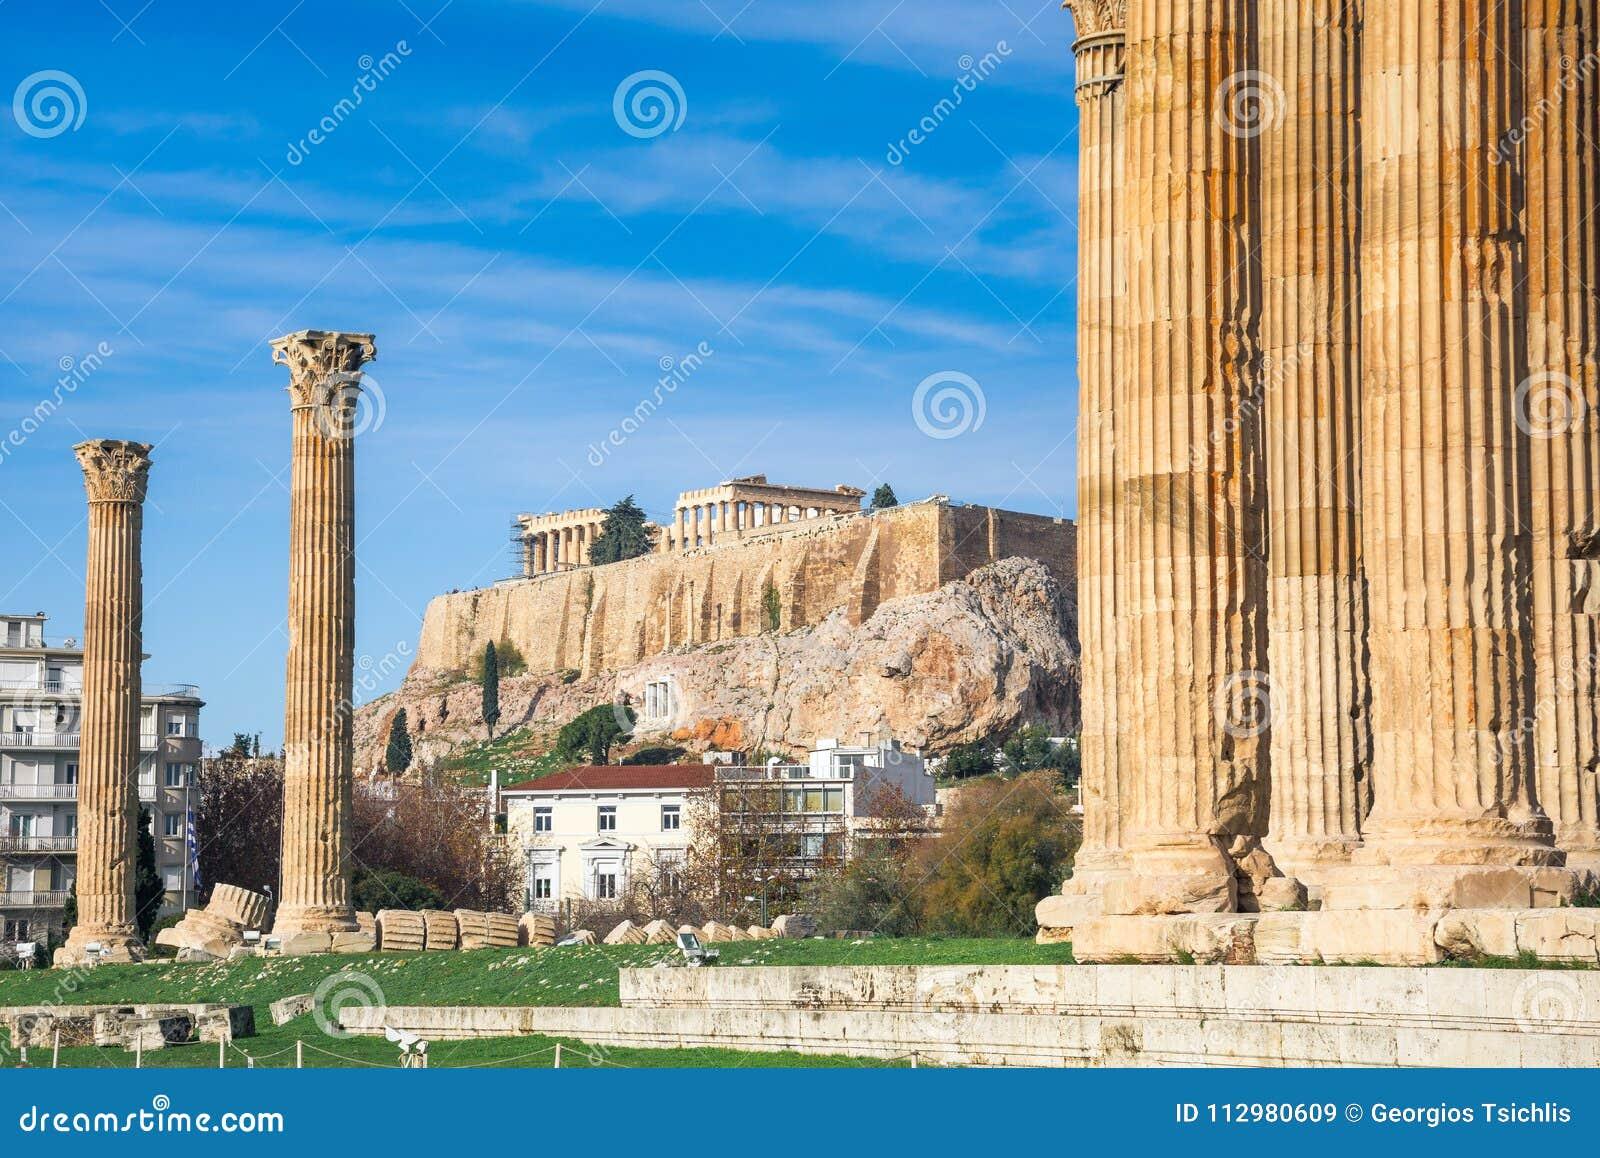 Ο ναός Olympian Zeus ελληνικά: Tou Olimpiou Dios NAO (Εθνικός Οργανισμός Διαιτησίας), επίσης γνωστό ως Olympieion, Αθήνα